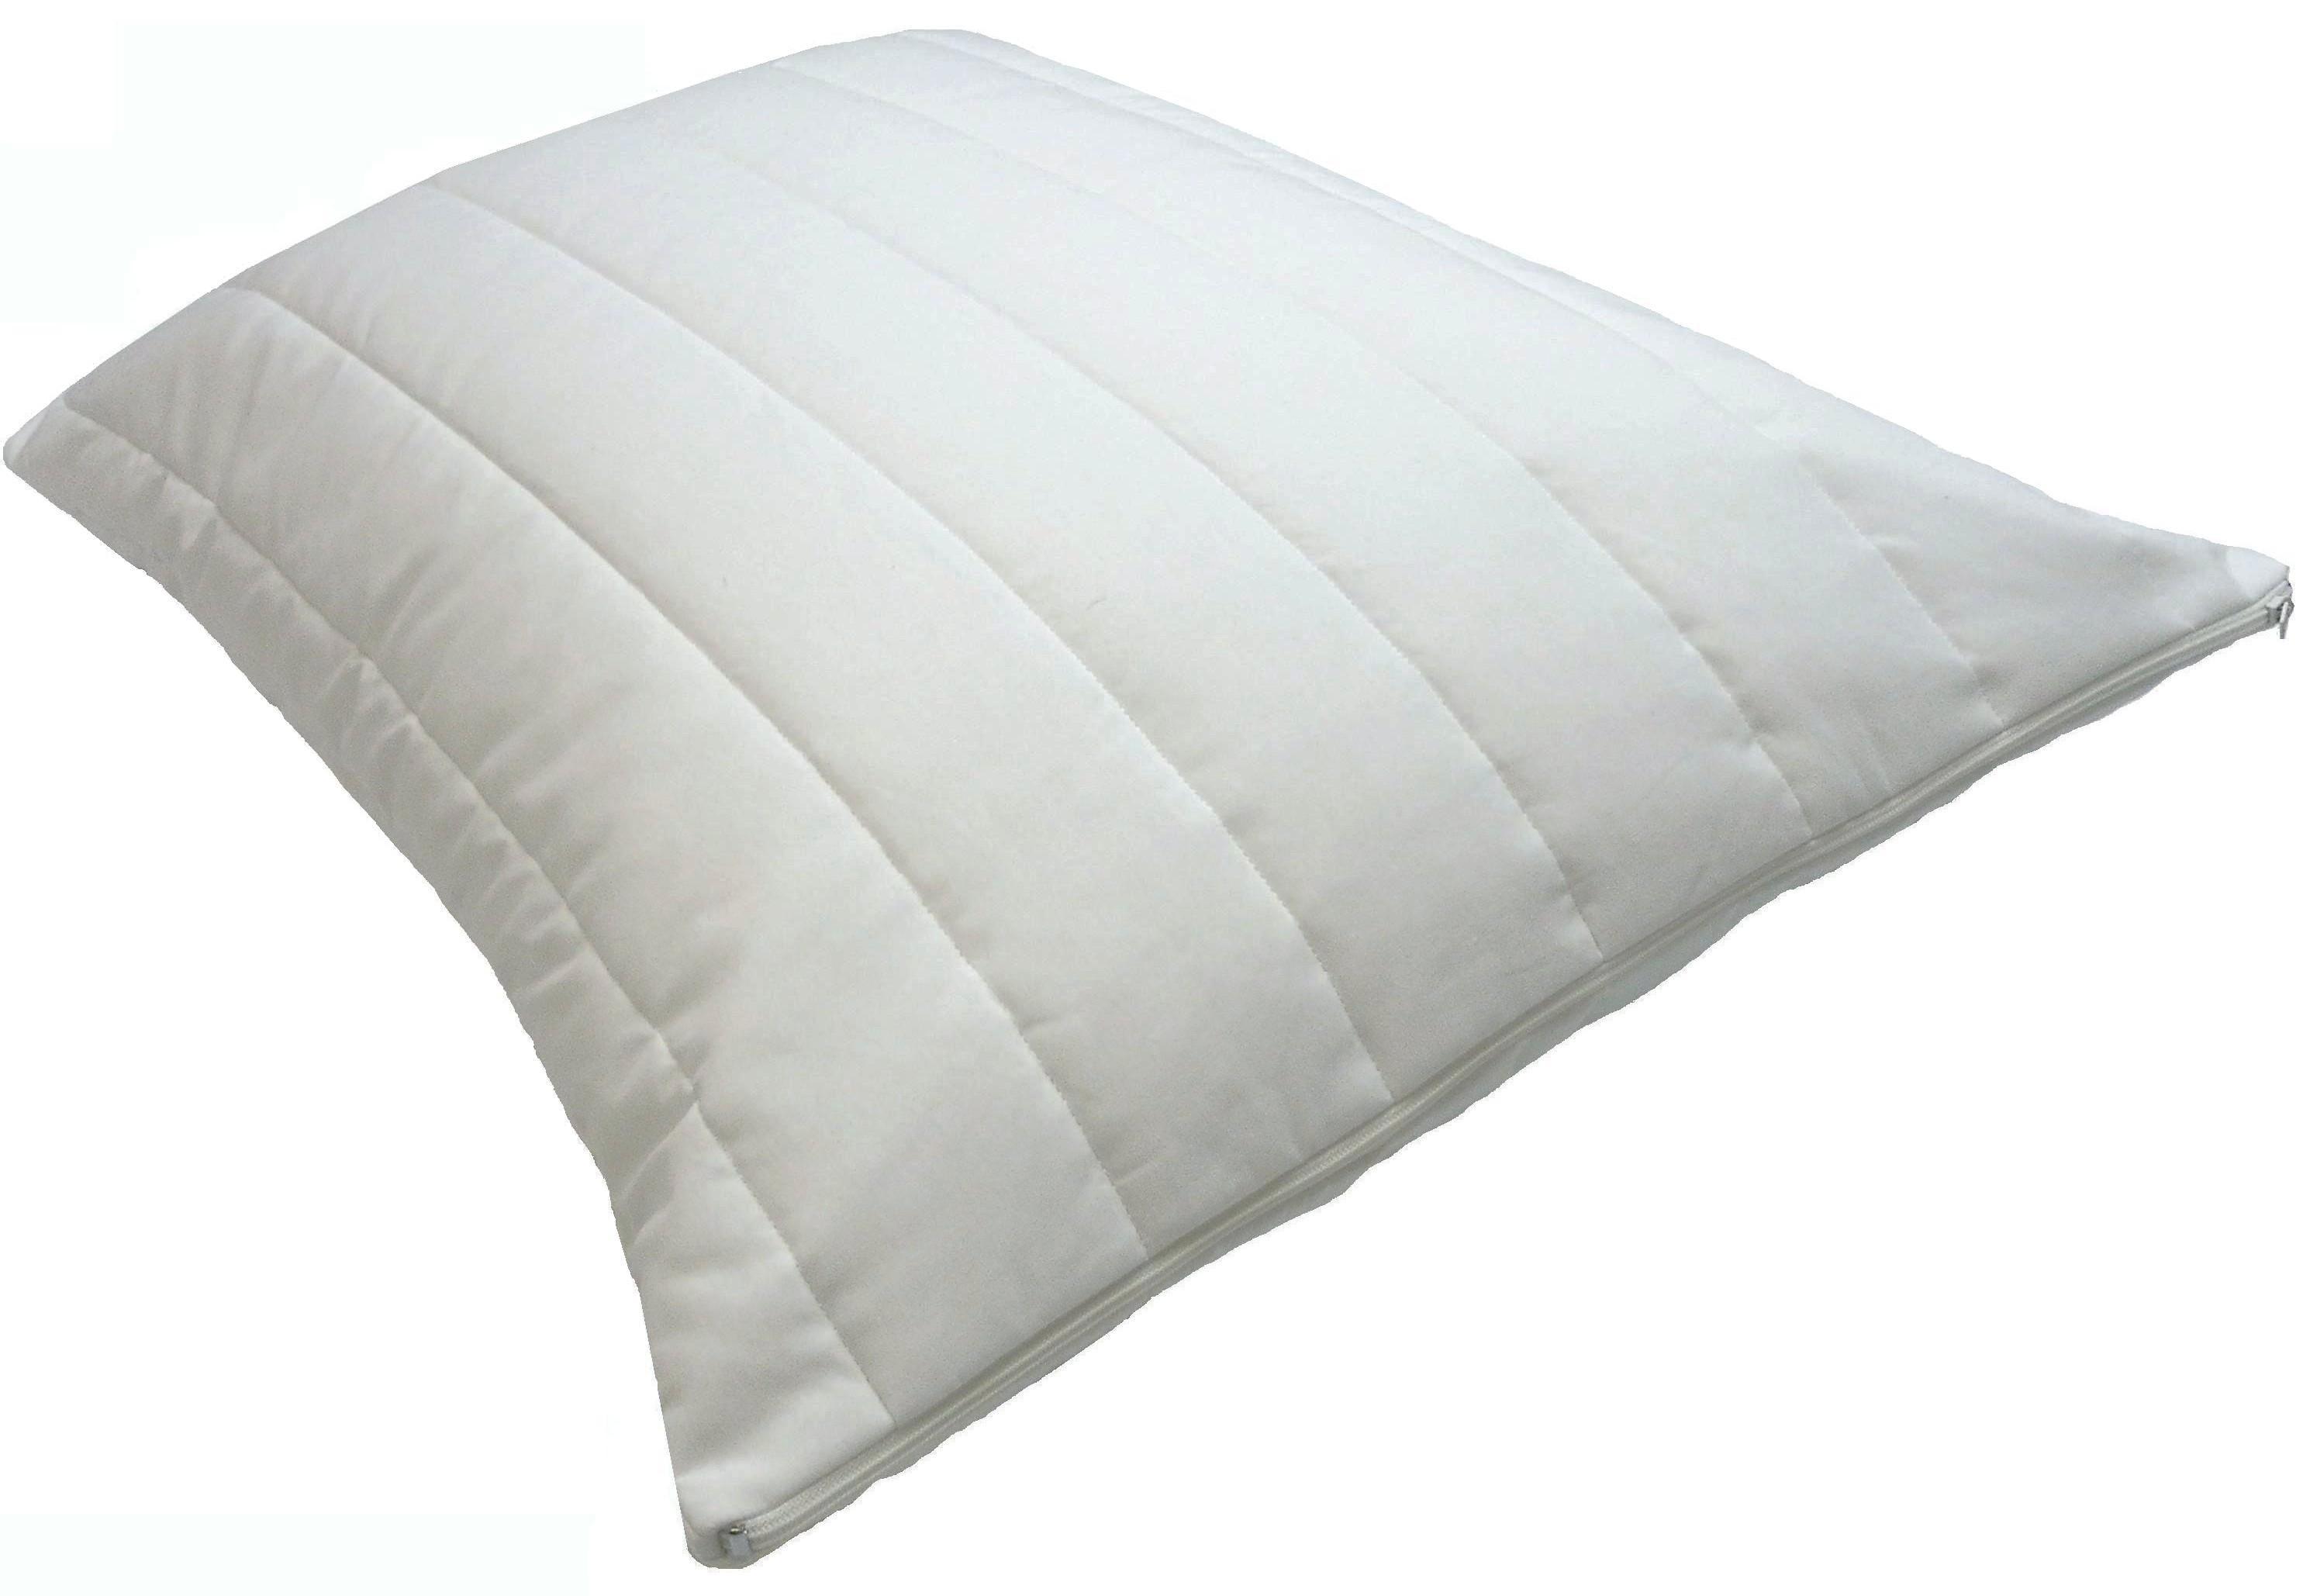 Μαξιλάρι Ύπνου Anna Riska Siliconized Balls home   κρεβατοκάμαρα   μαξιλάρια   μαξιλάρια ύπνου